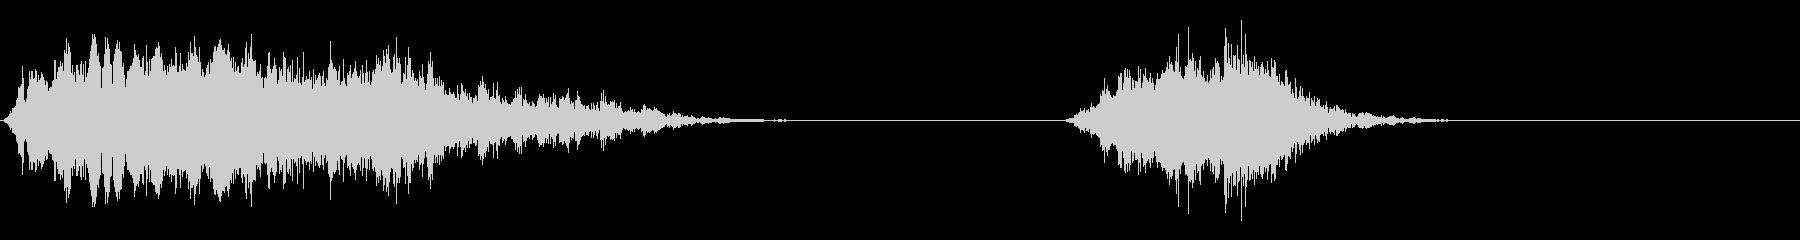 シューー/カーテン開閉音(手動)の未再生の波形